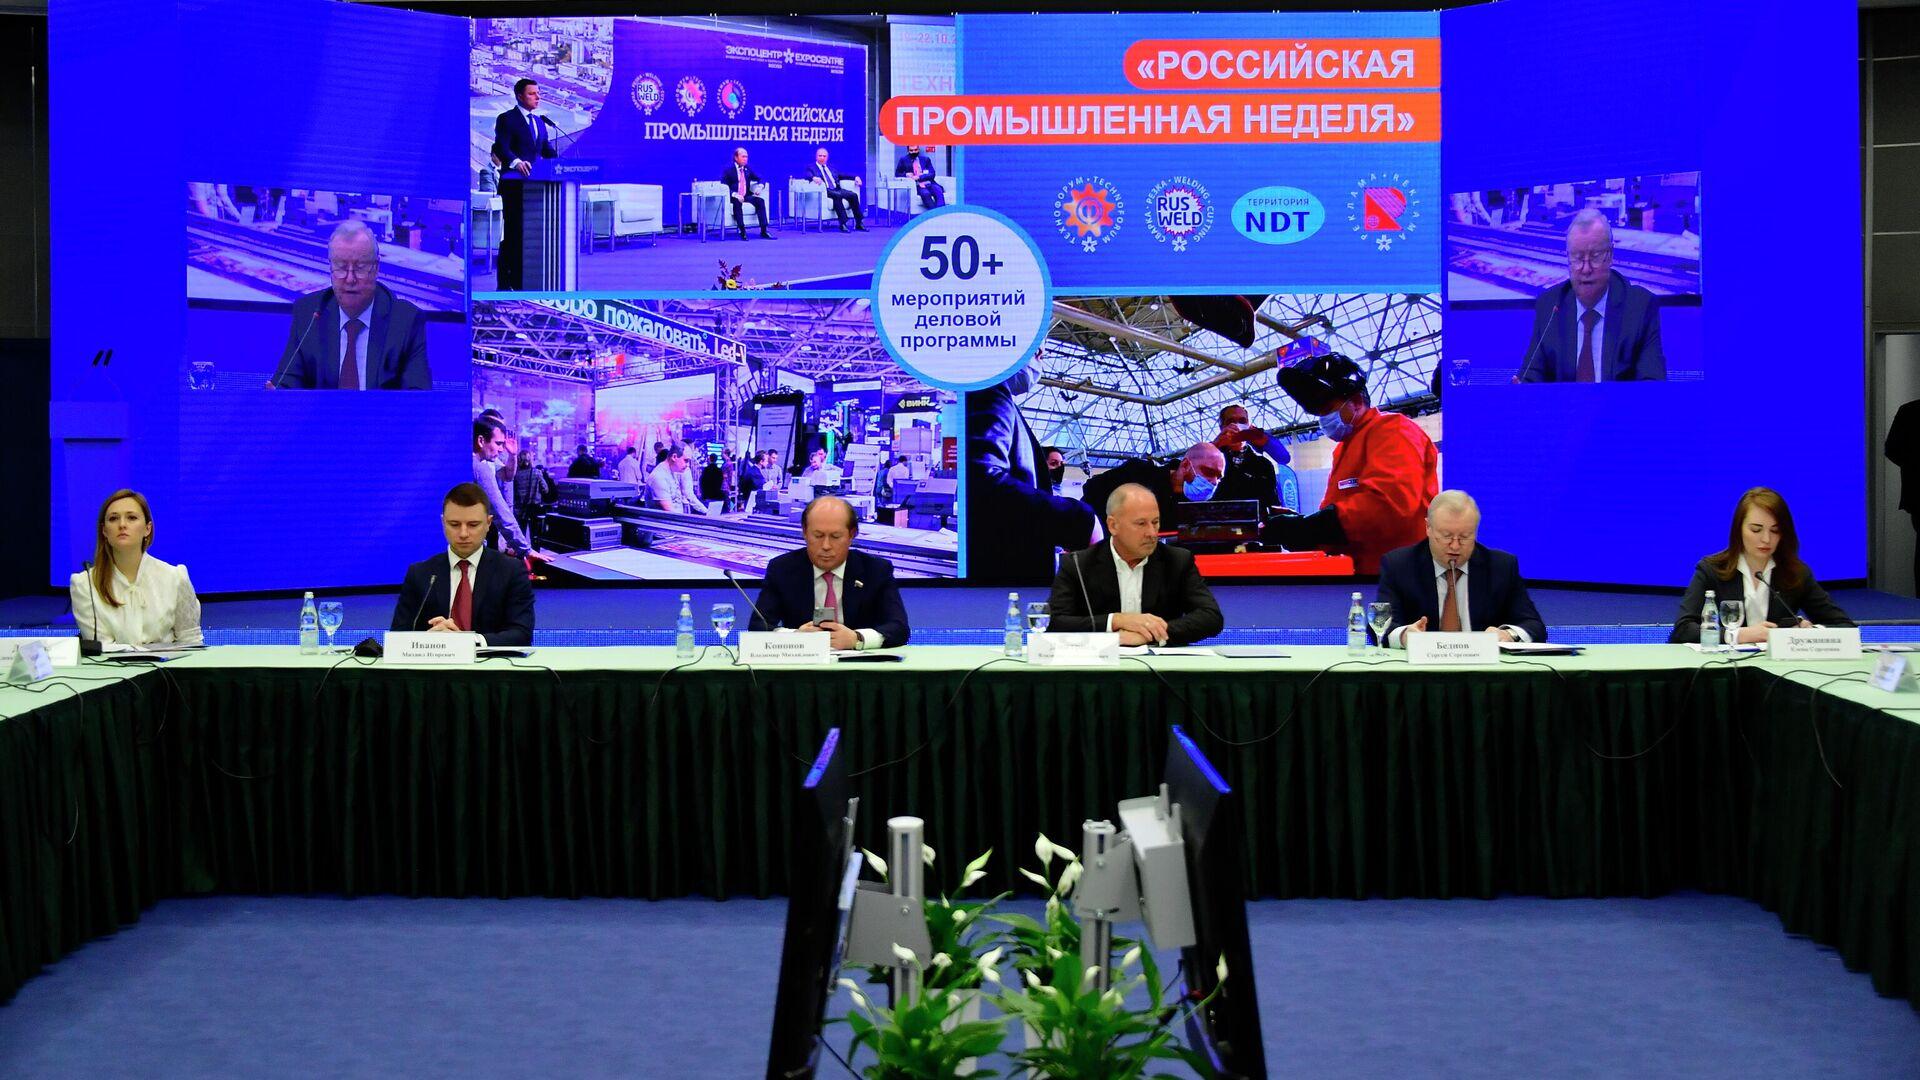 Экспоцентр станет одной из экспертных площадок Года науки и технологий - РИА Новости, 1920, 12.02.2021